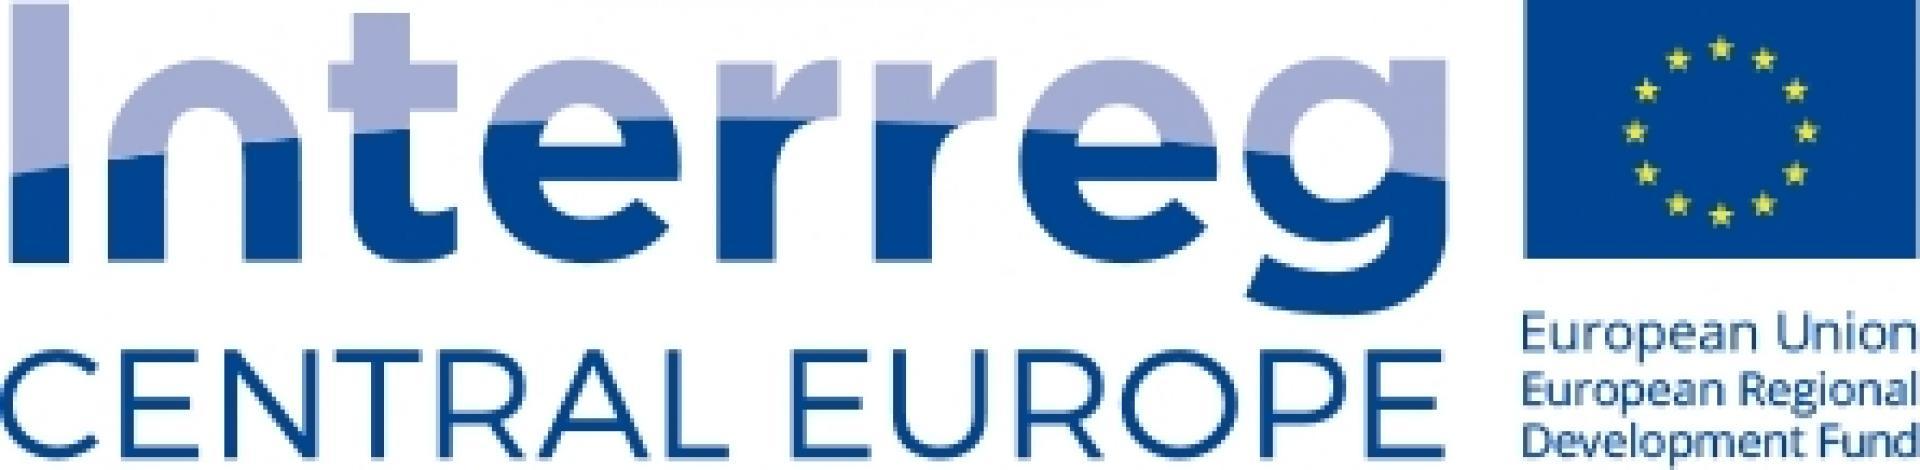 Spotkanie informacyjne w sprawie pierwszego naboru projektów w programie Interreg Europa Środkowa 2021-2027 - zobacz więcej